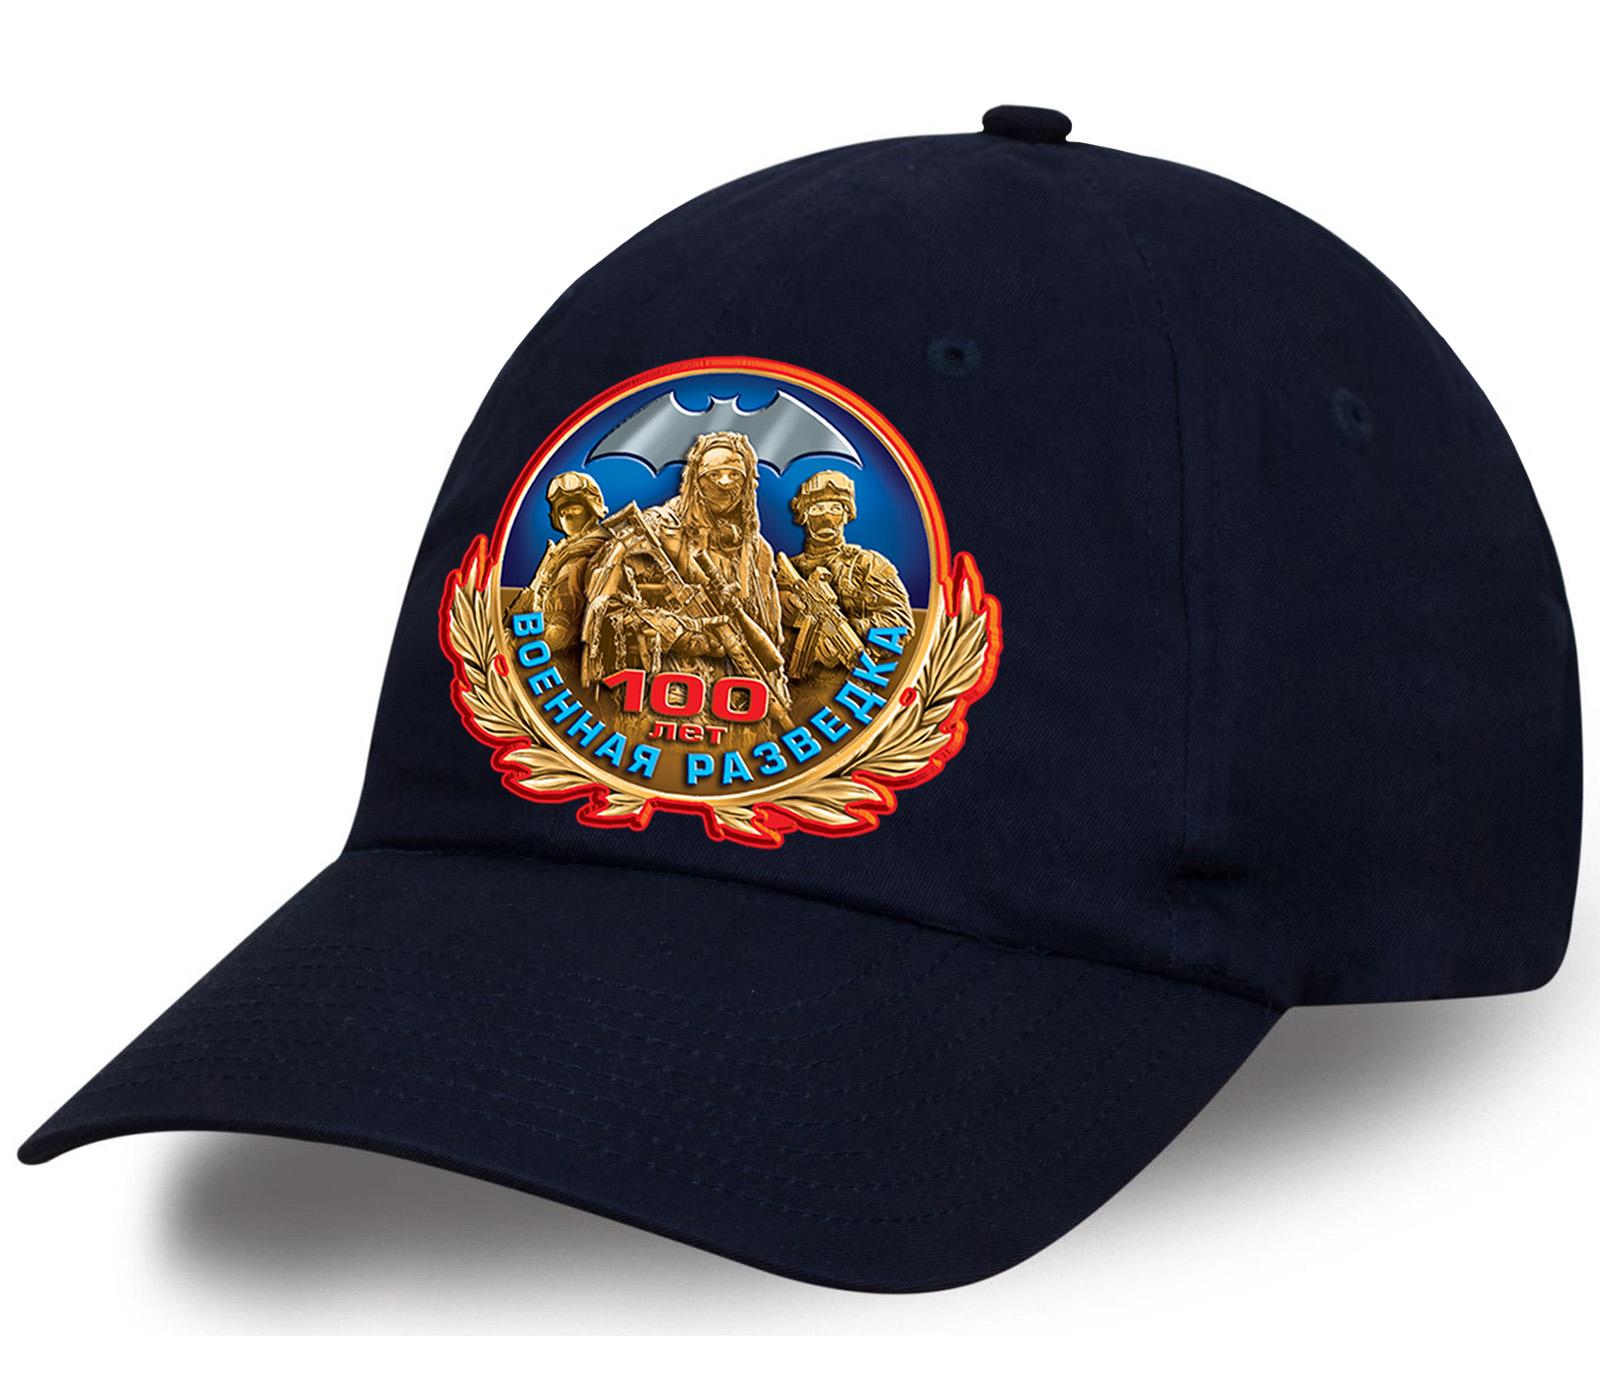 Топовая мужская бейсболка с юбилейным принтом авторского ордена 100 лет Военной разведки отличный подарок крутым парням. Лимитированная серия